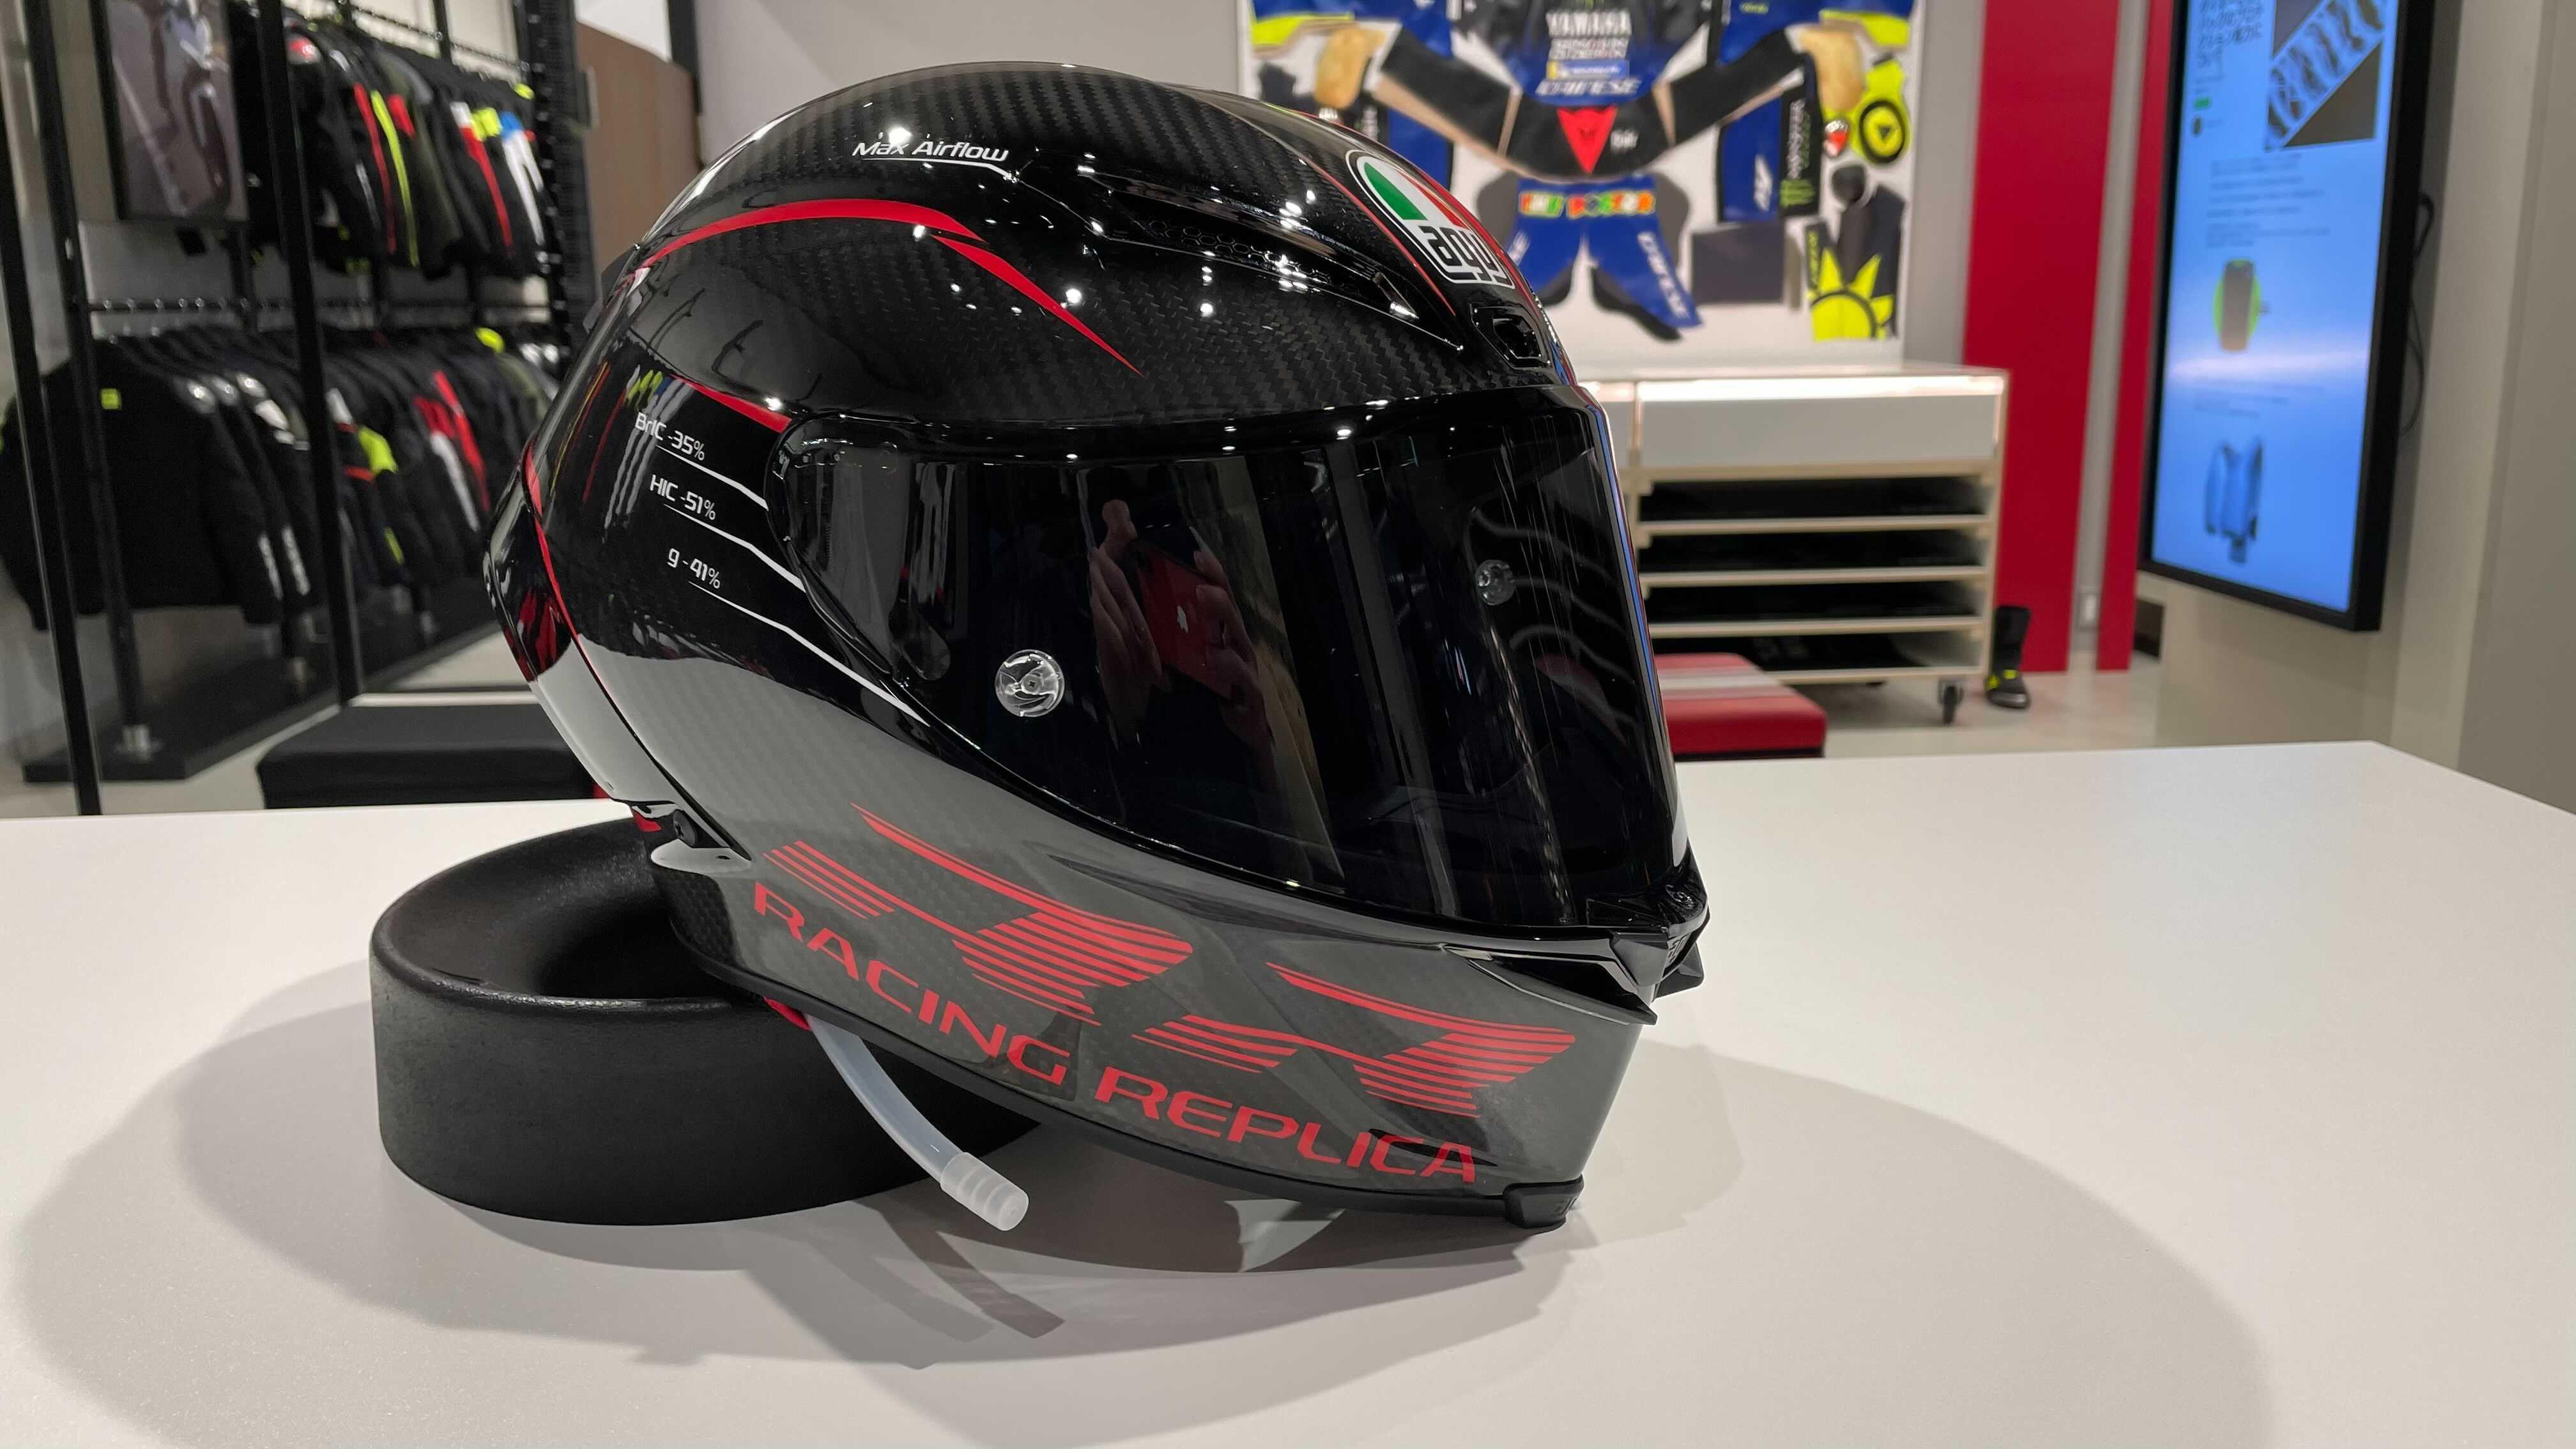 カーボンの美しさとヘルメットの進化を融合させたグラフィック【PISTA GP RR PERFORMANCE CARBON/RED】